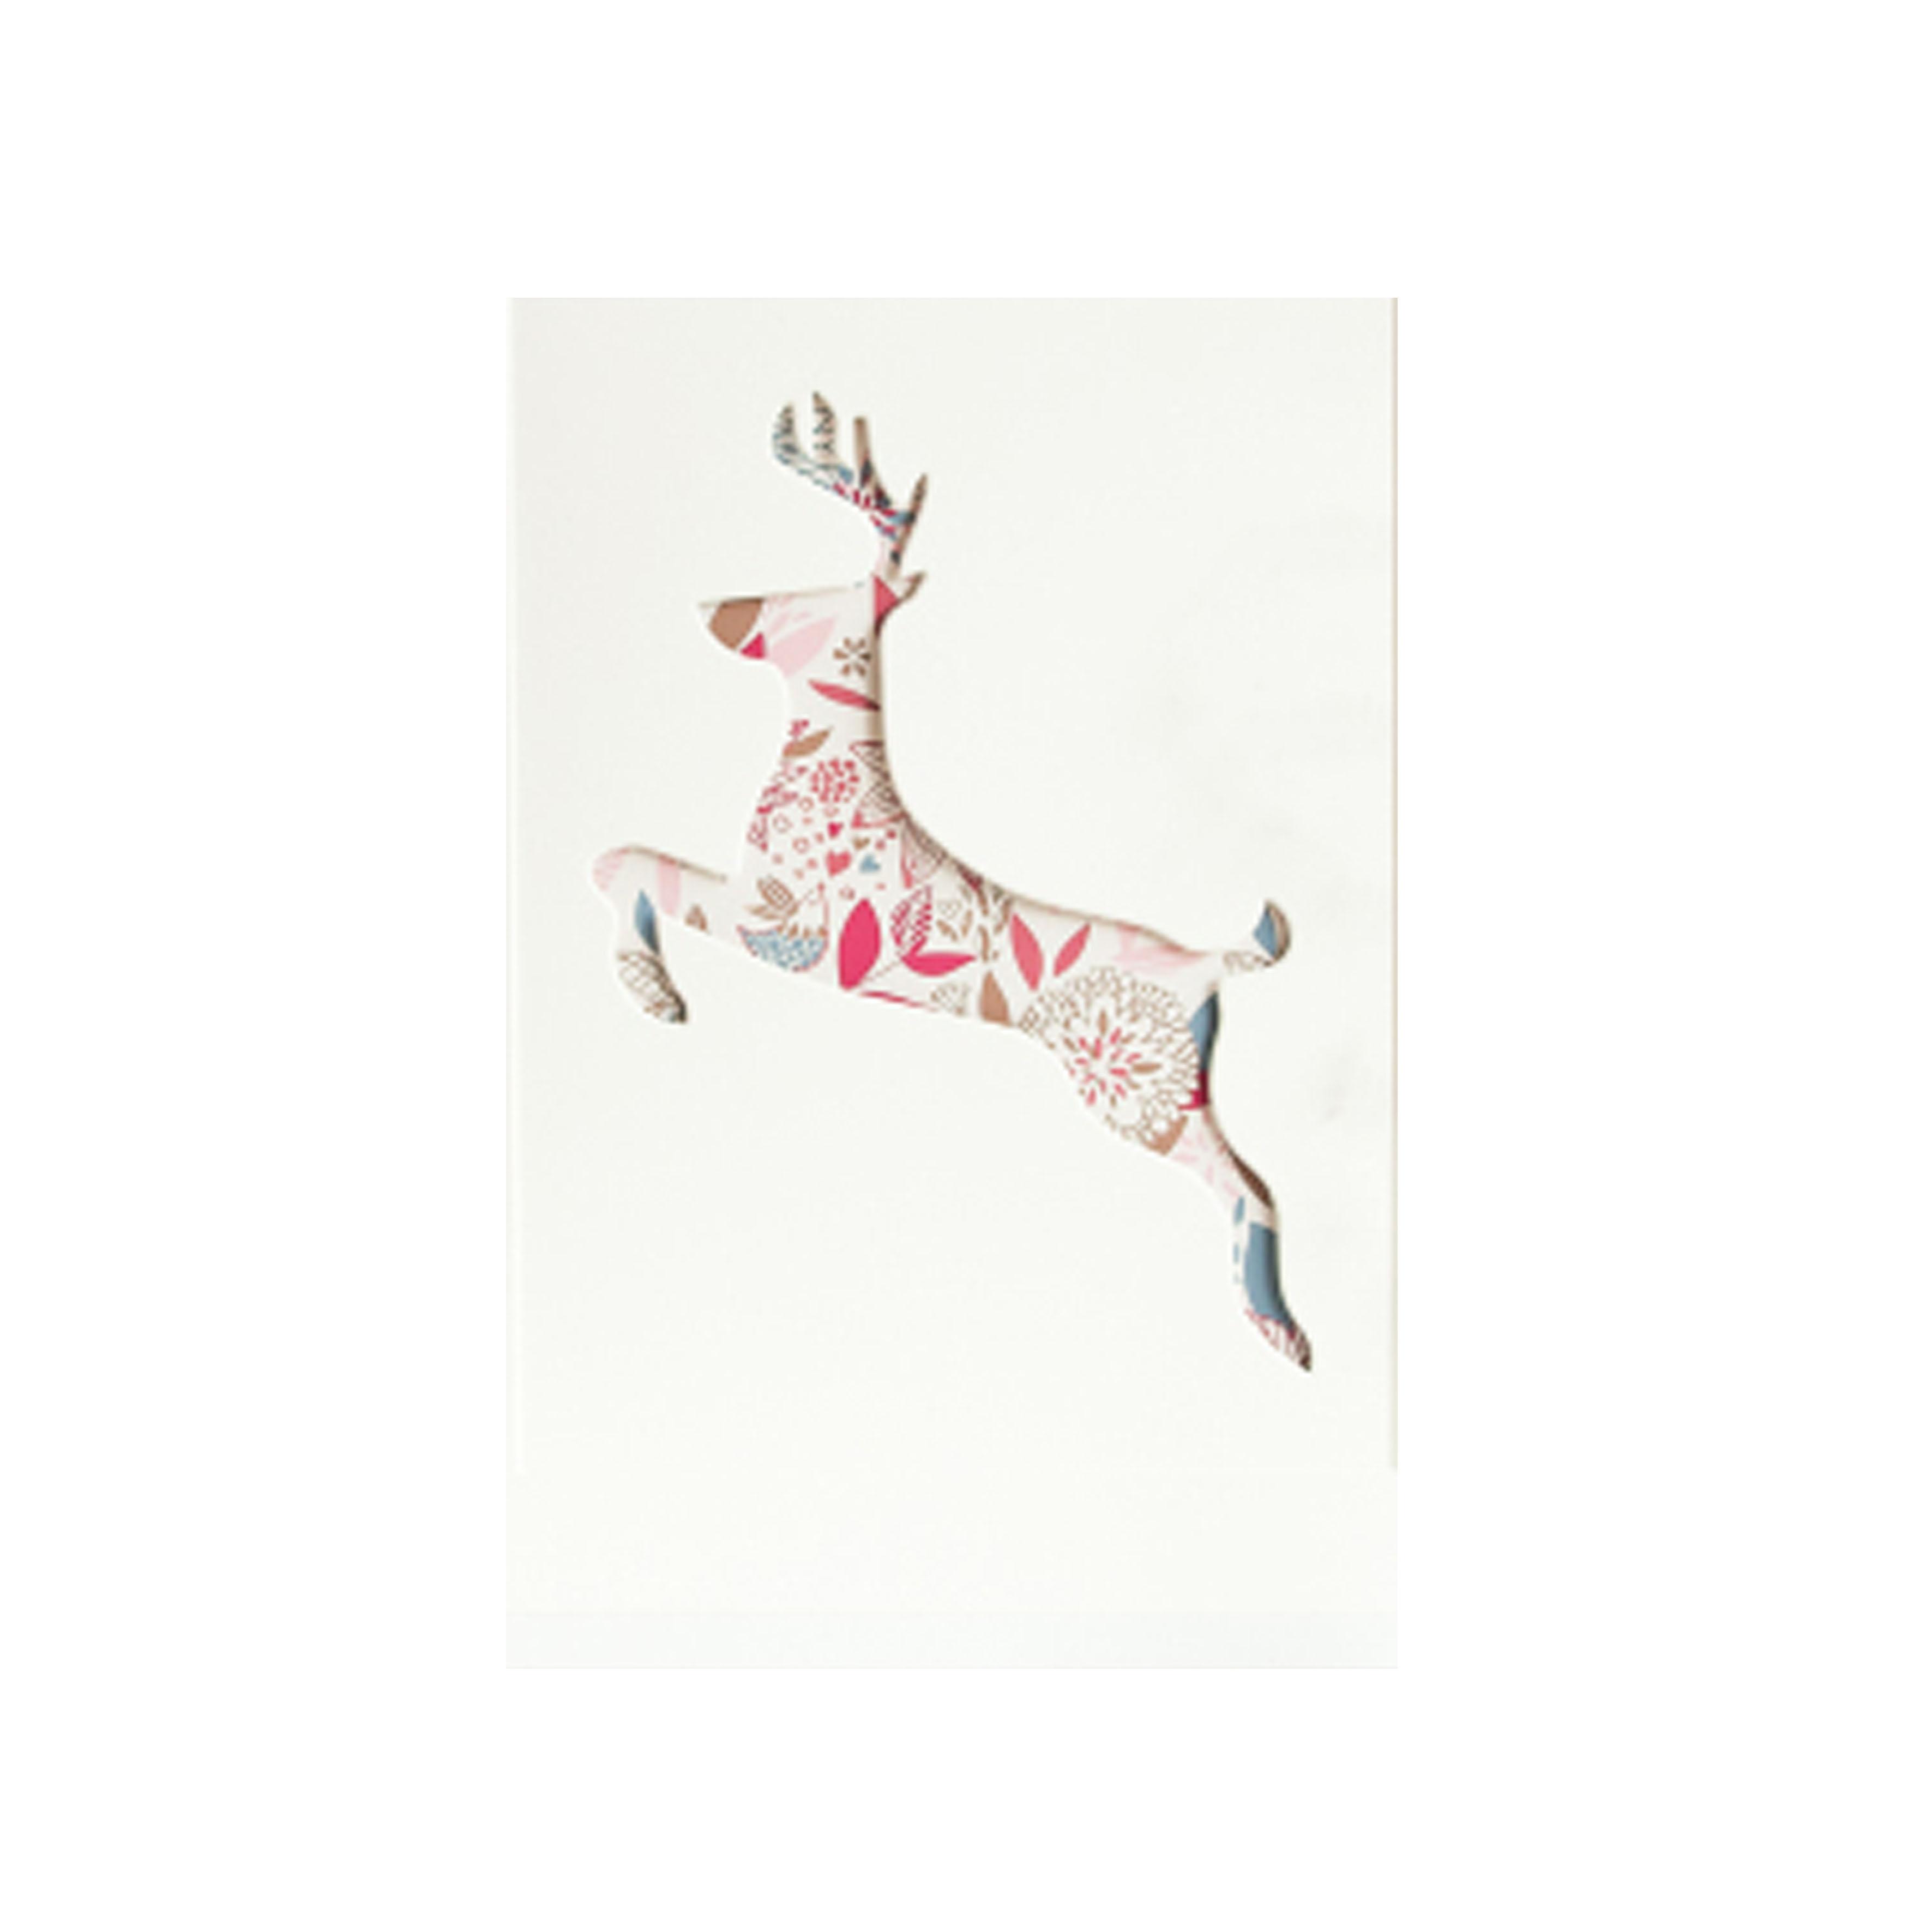 奔跑的鹿装饰画